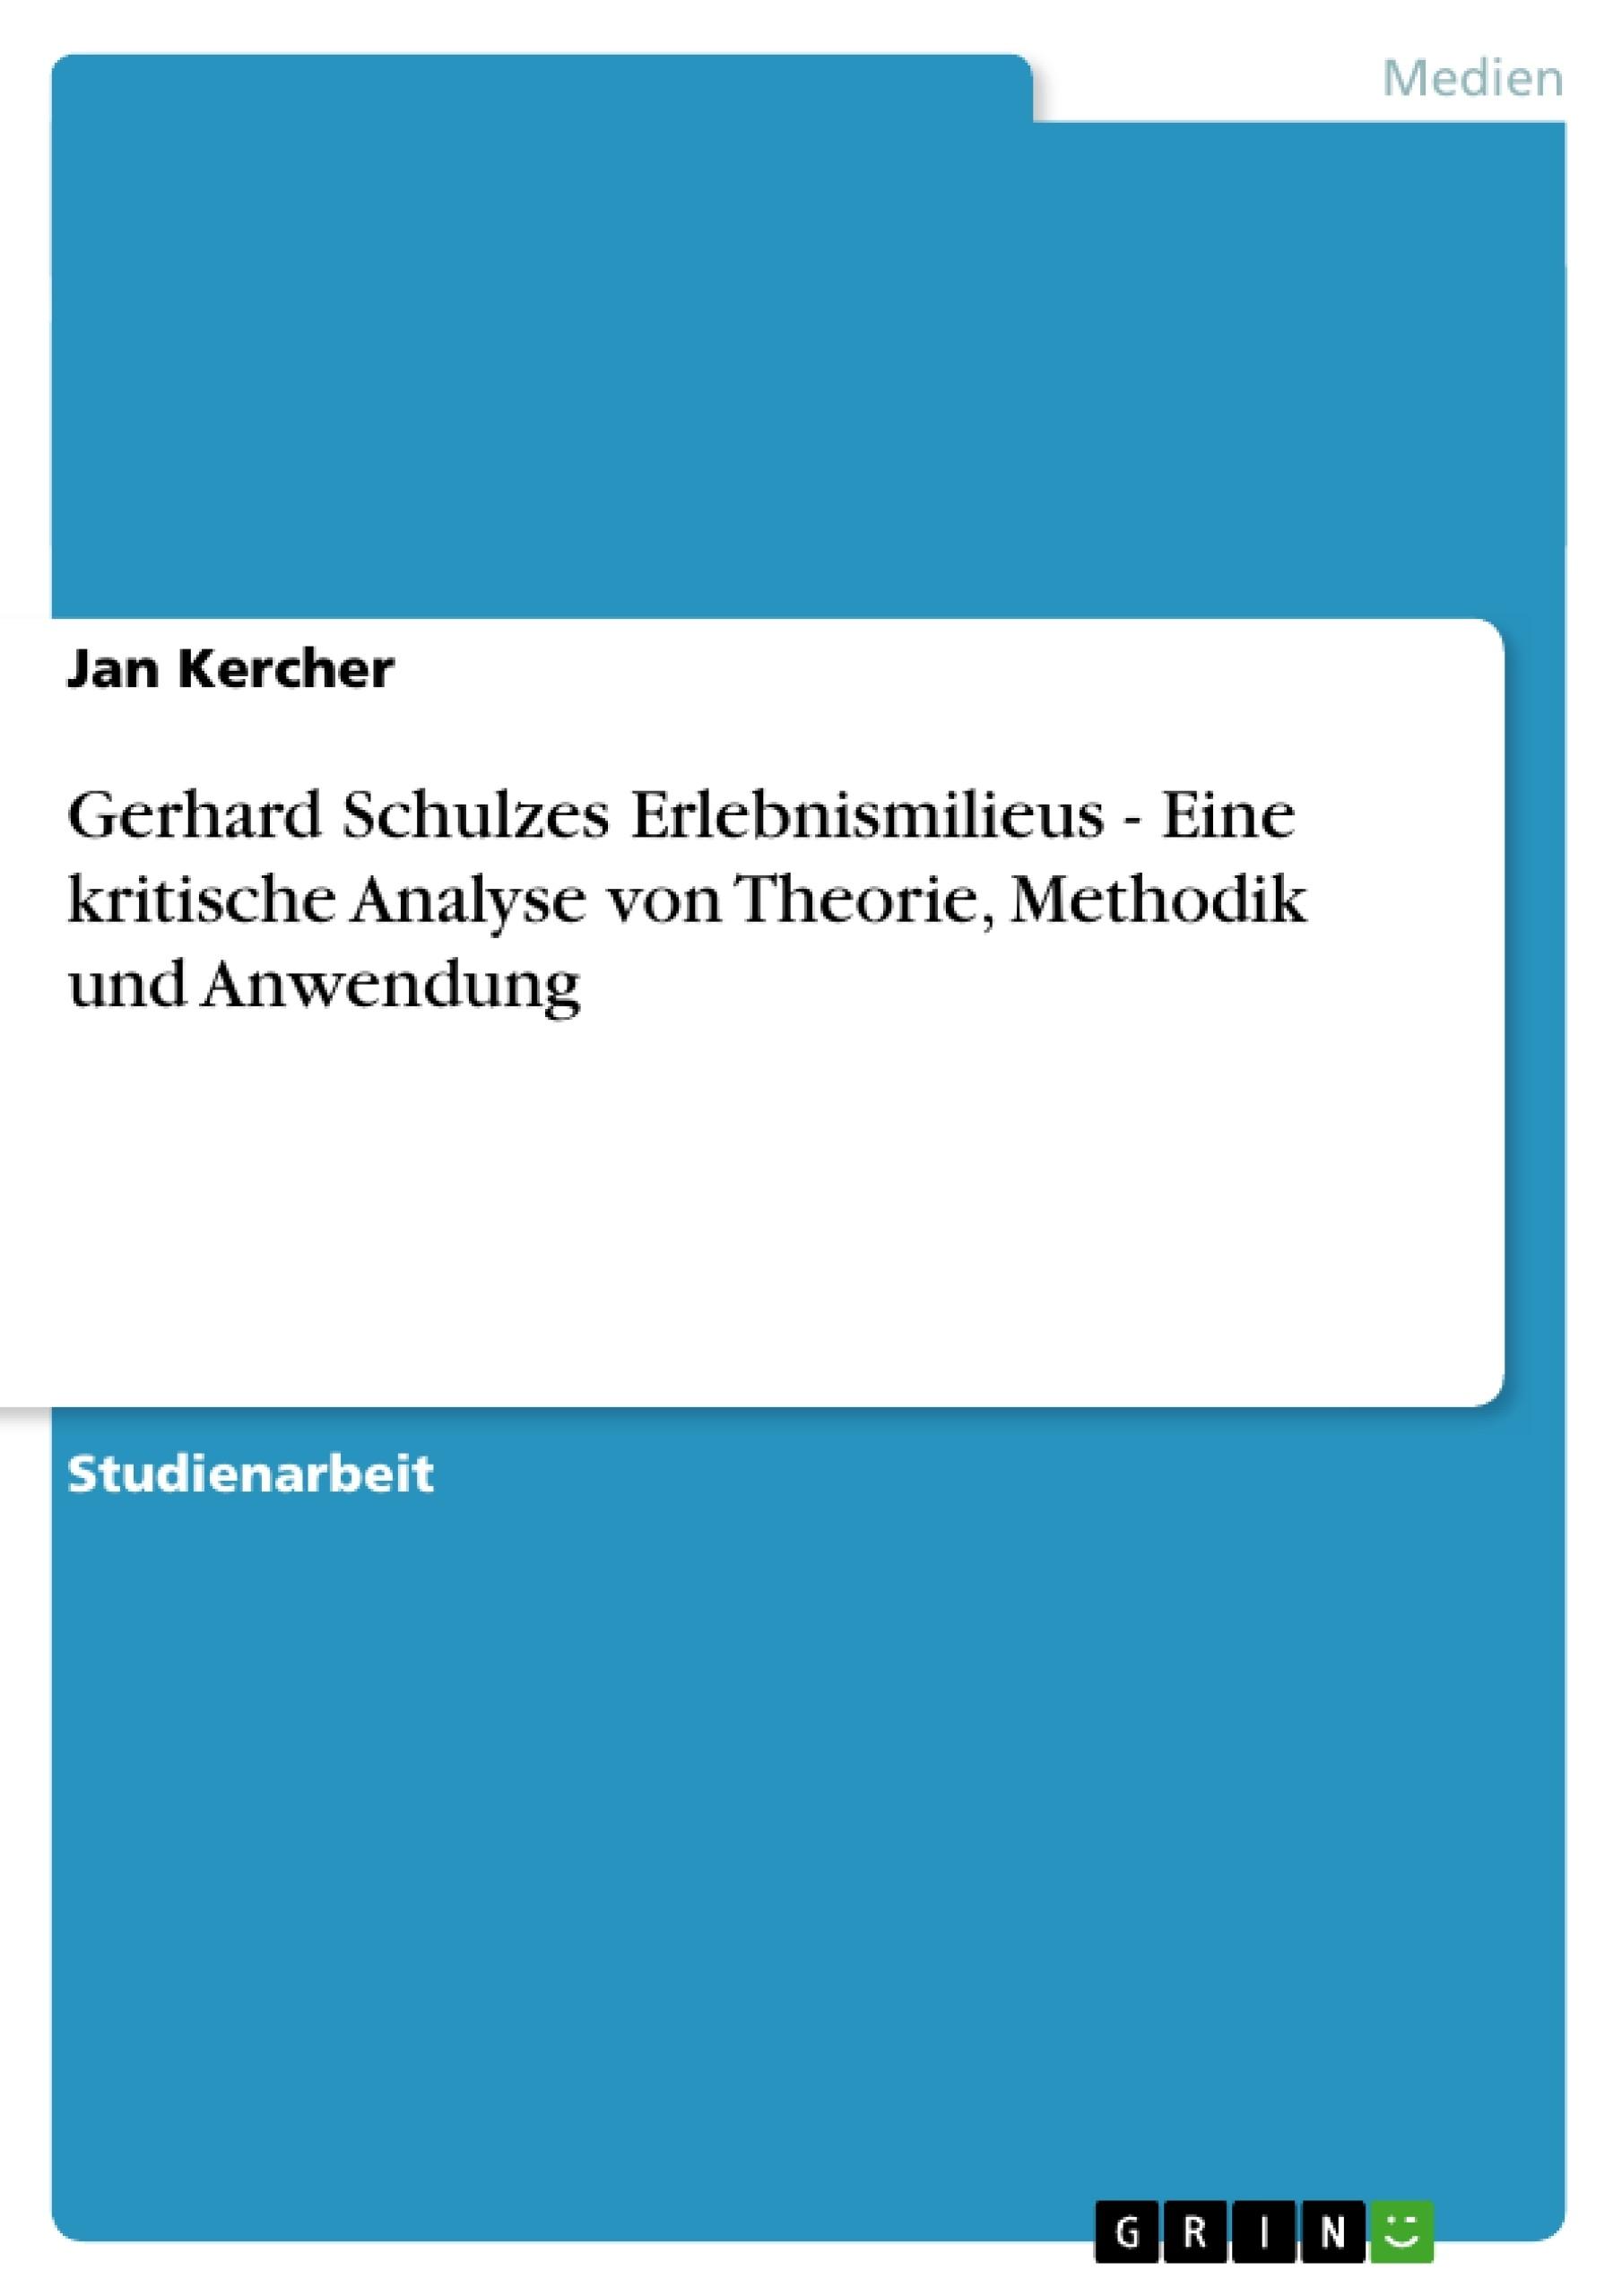 Titel: Gerhard Schulzes Erlebnismilieus - Eine kritische Analyse von Theorie, Methodik und Anwendung